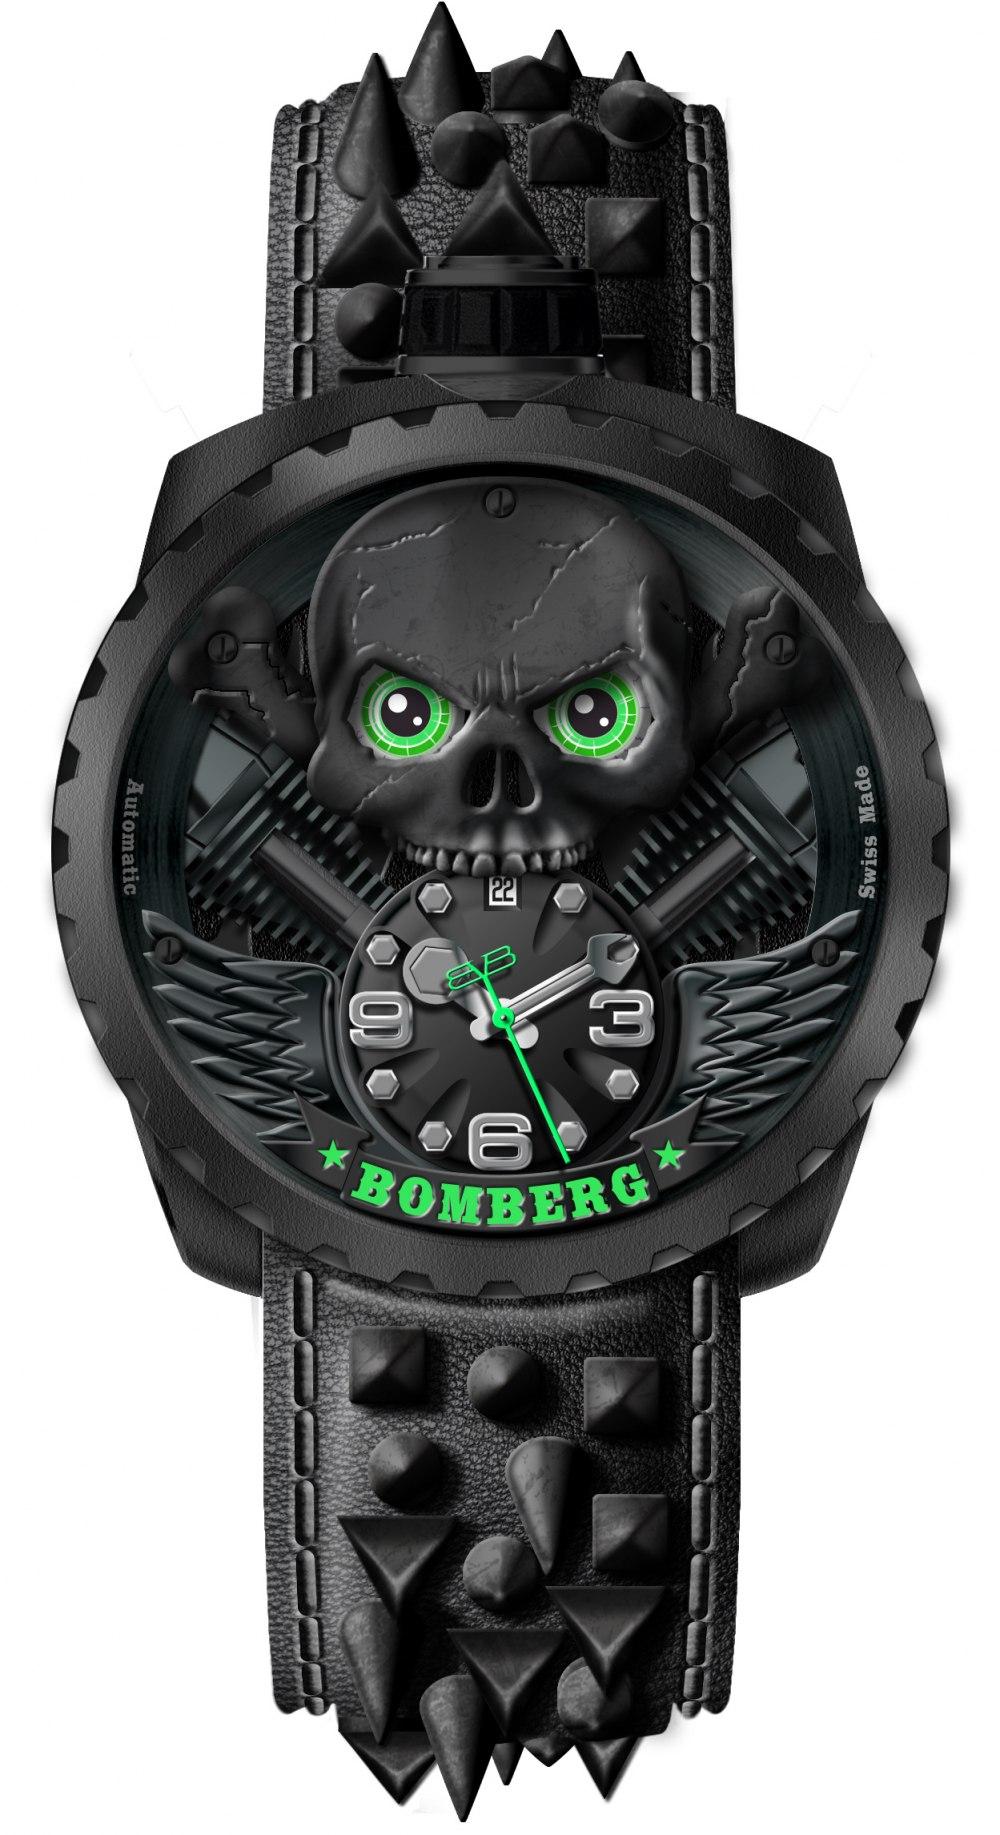 BOMBERG BOLT-68 Skull Rider Black BS47APBA056_13